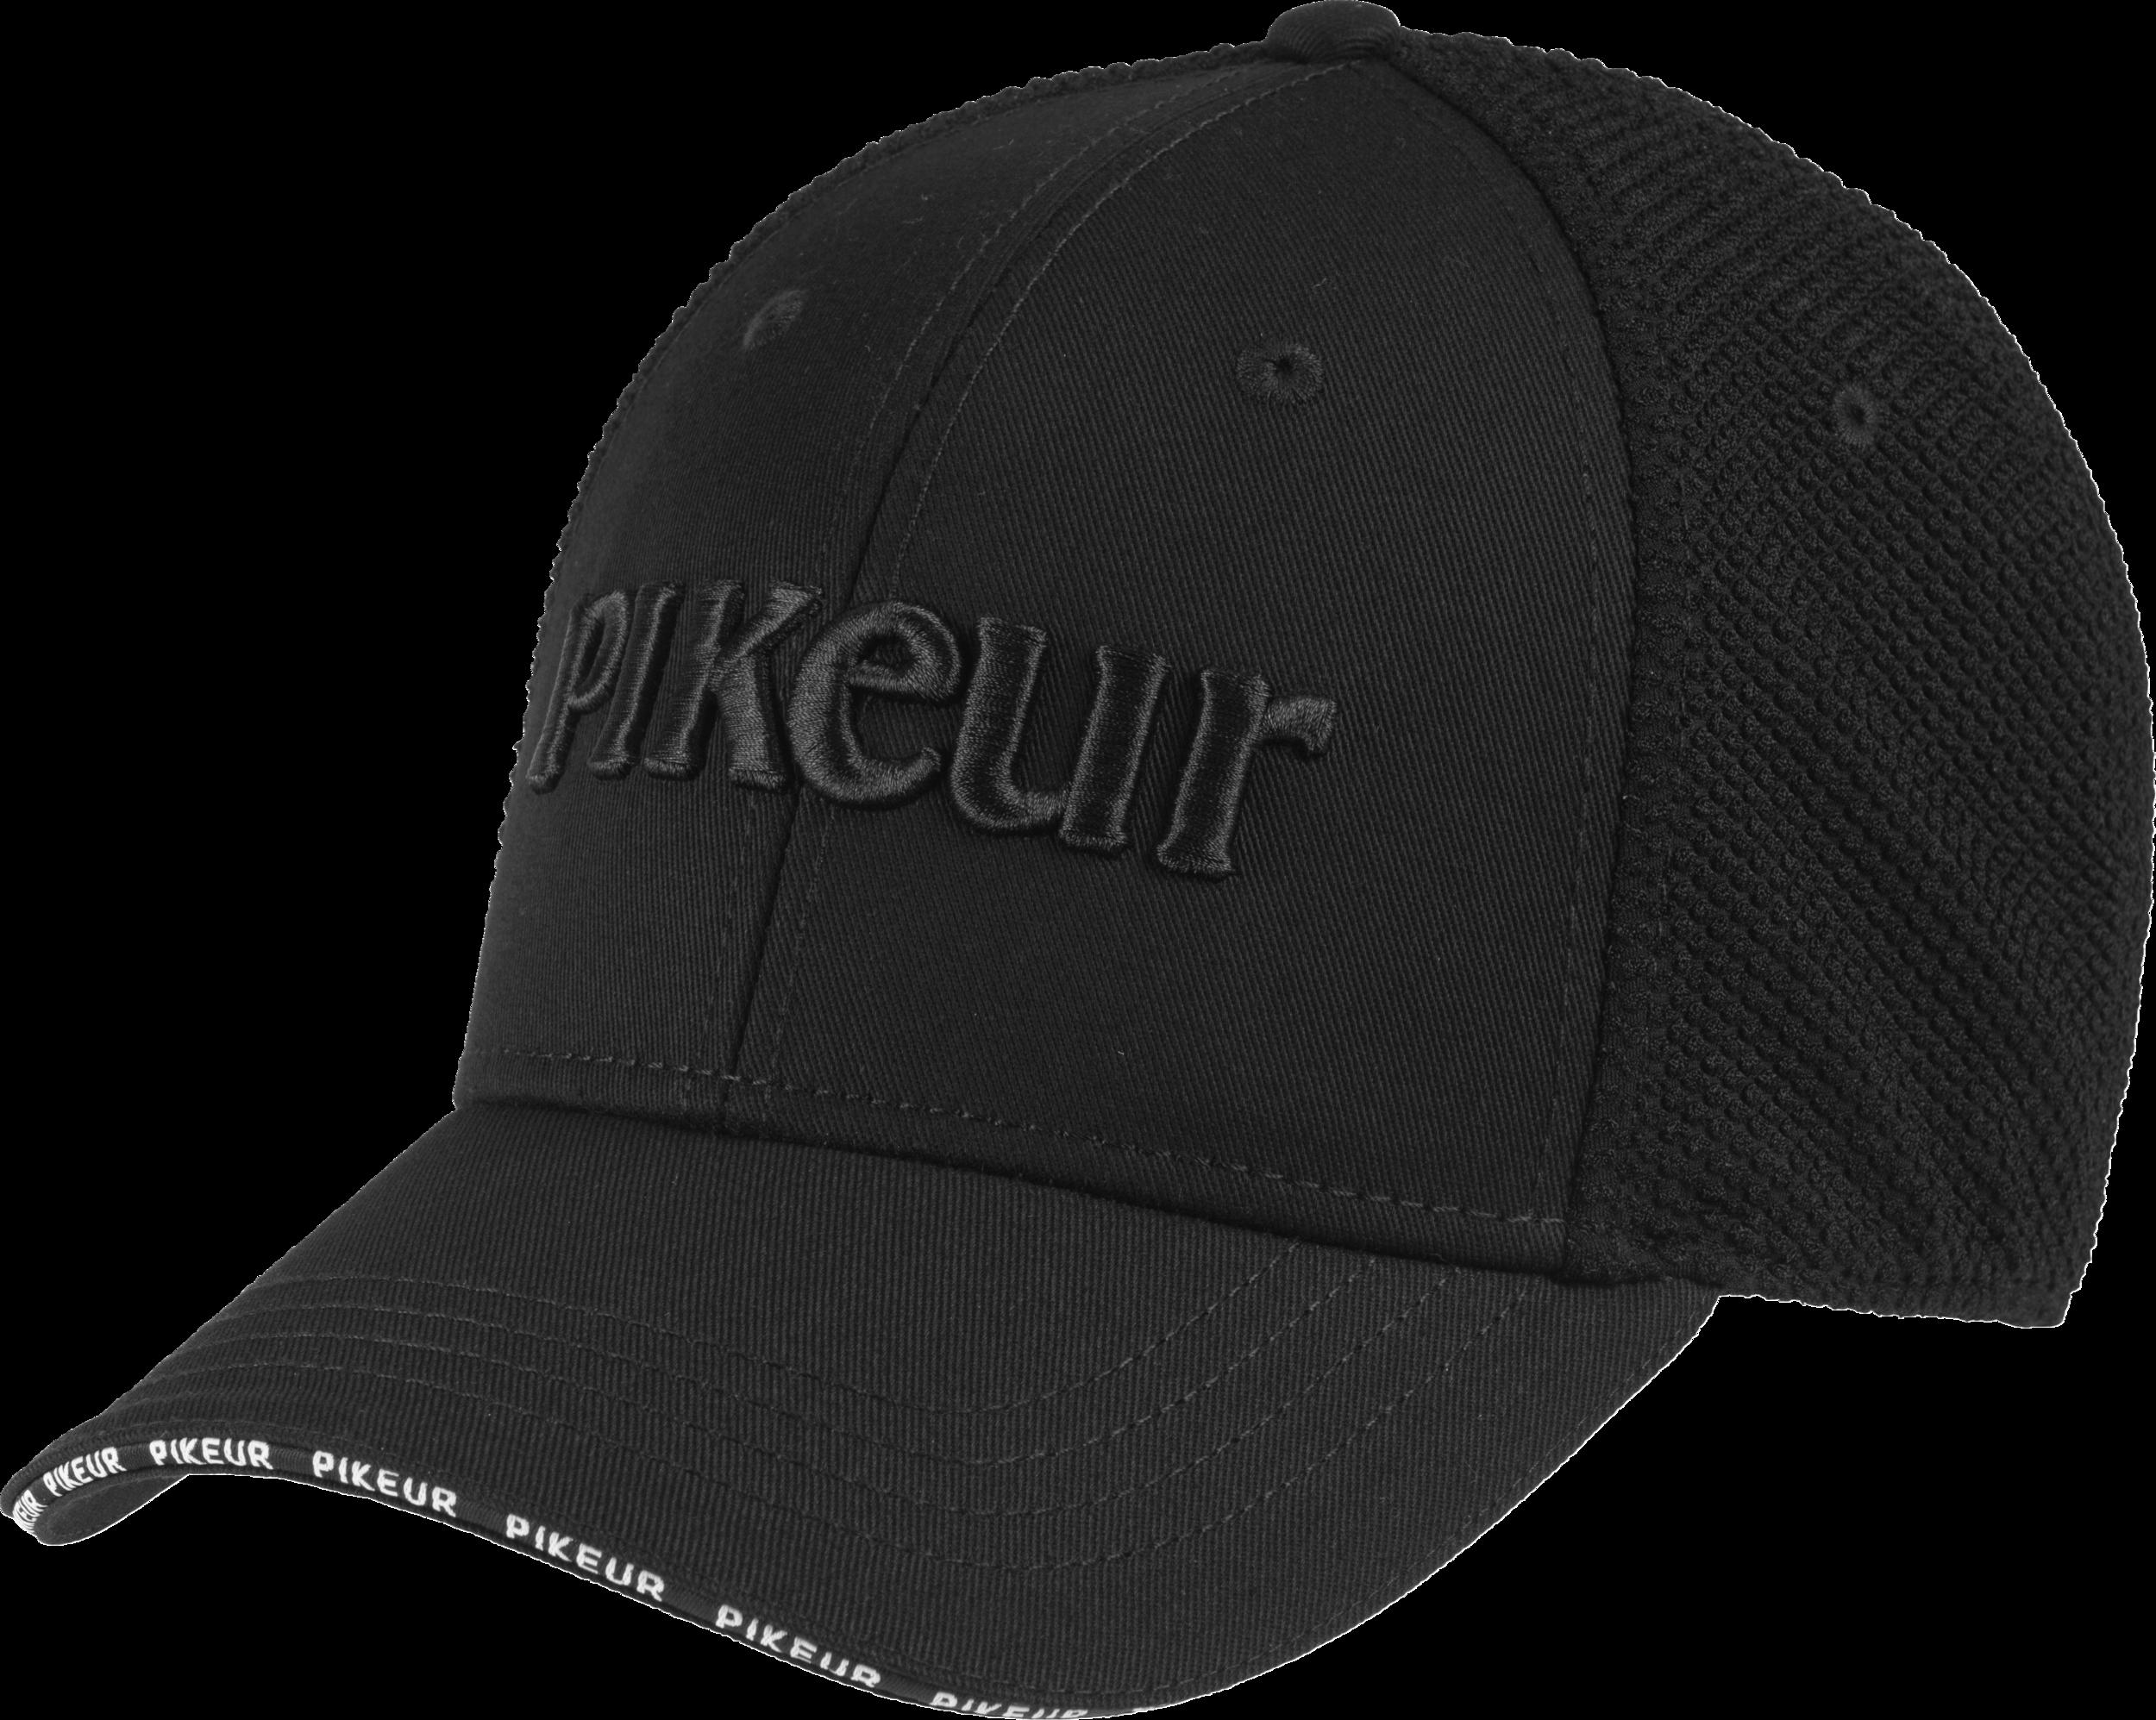 PIKEUR UNISEX CAP